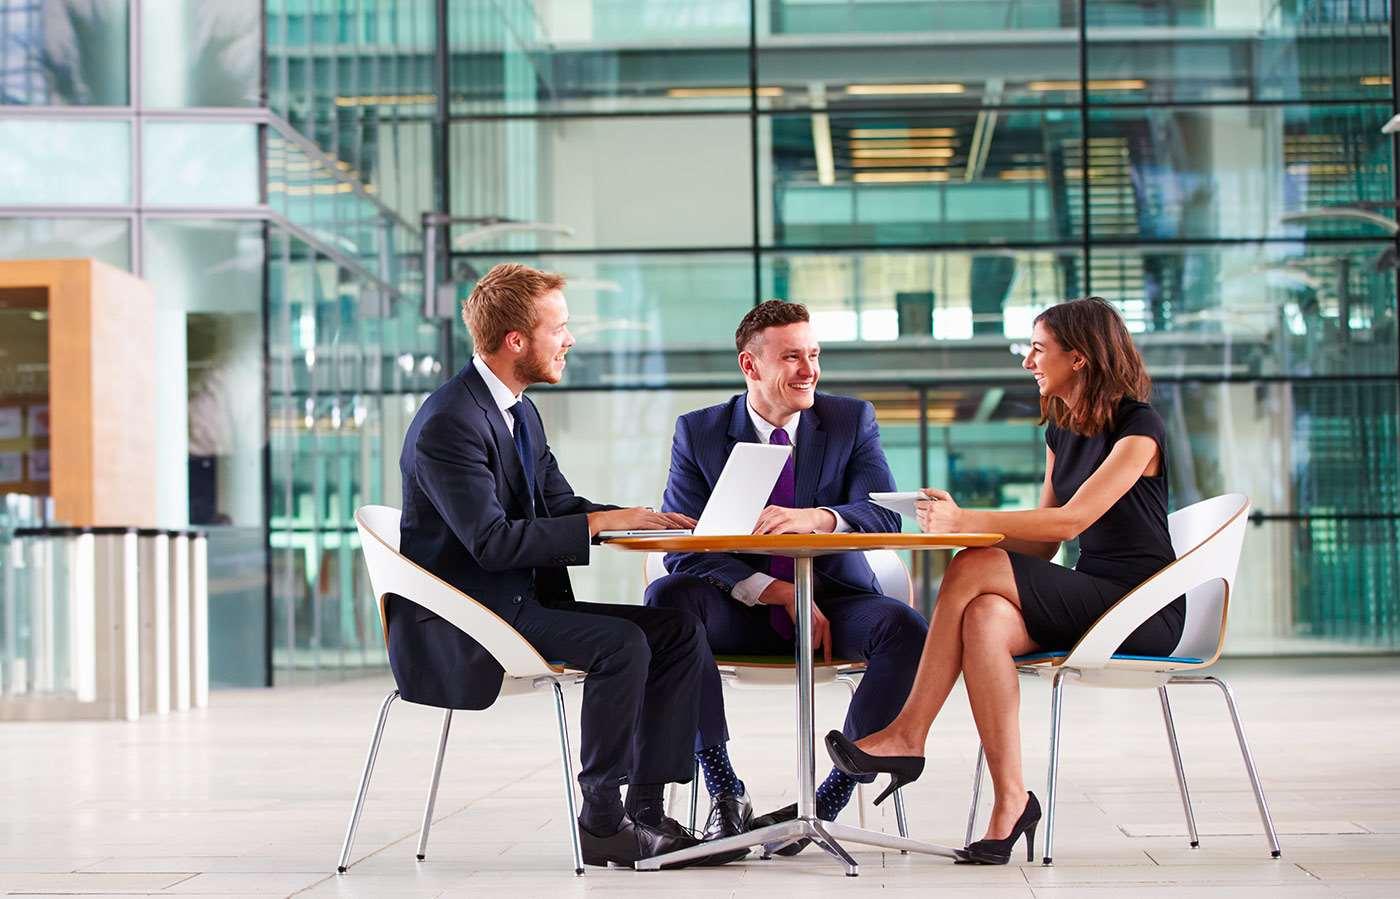 Auto-assurance ou assurance-crédit ? Un guide pour choisir en toute conscience